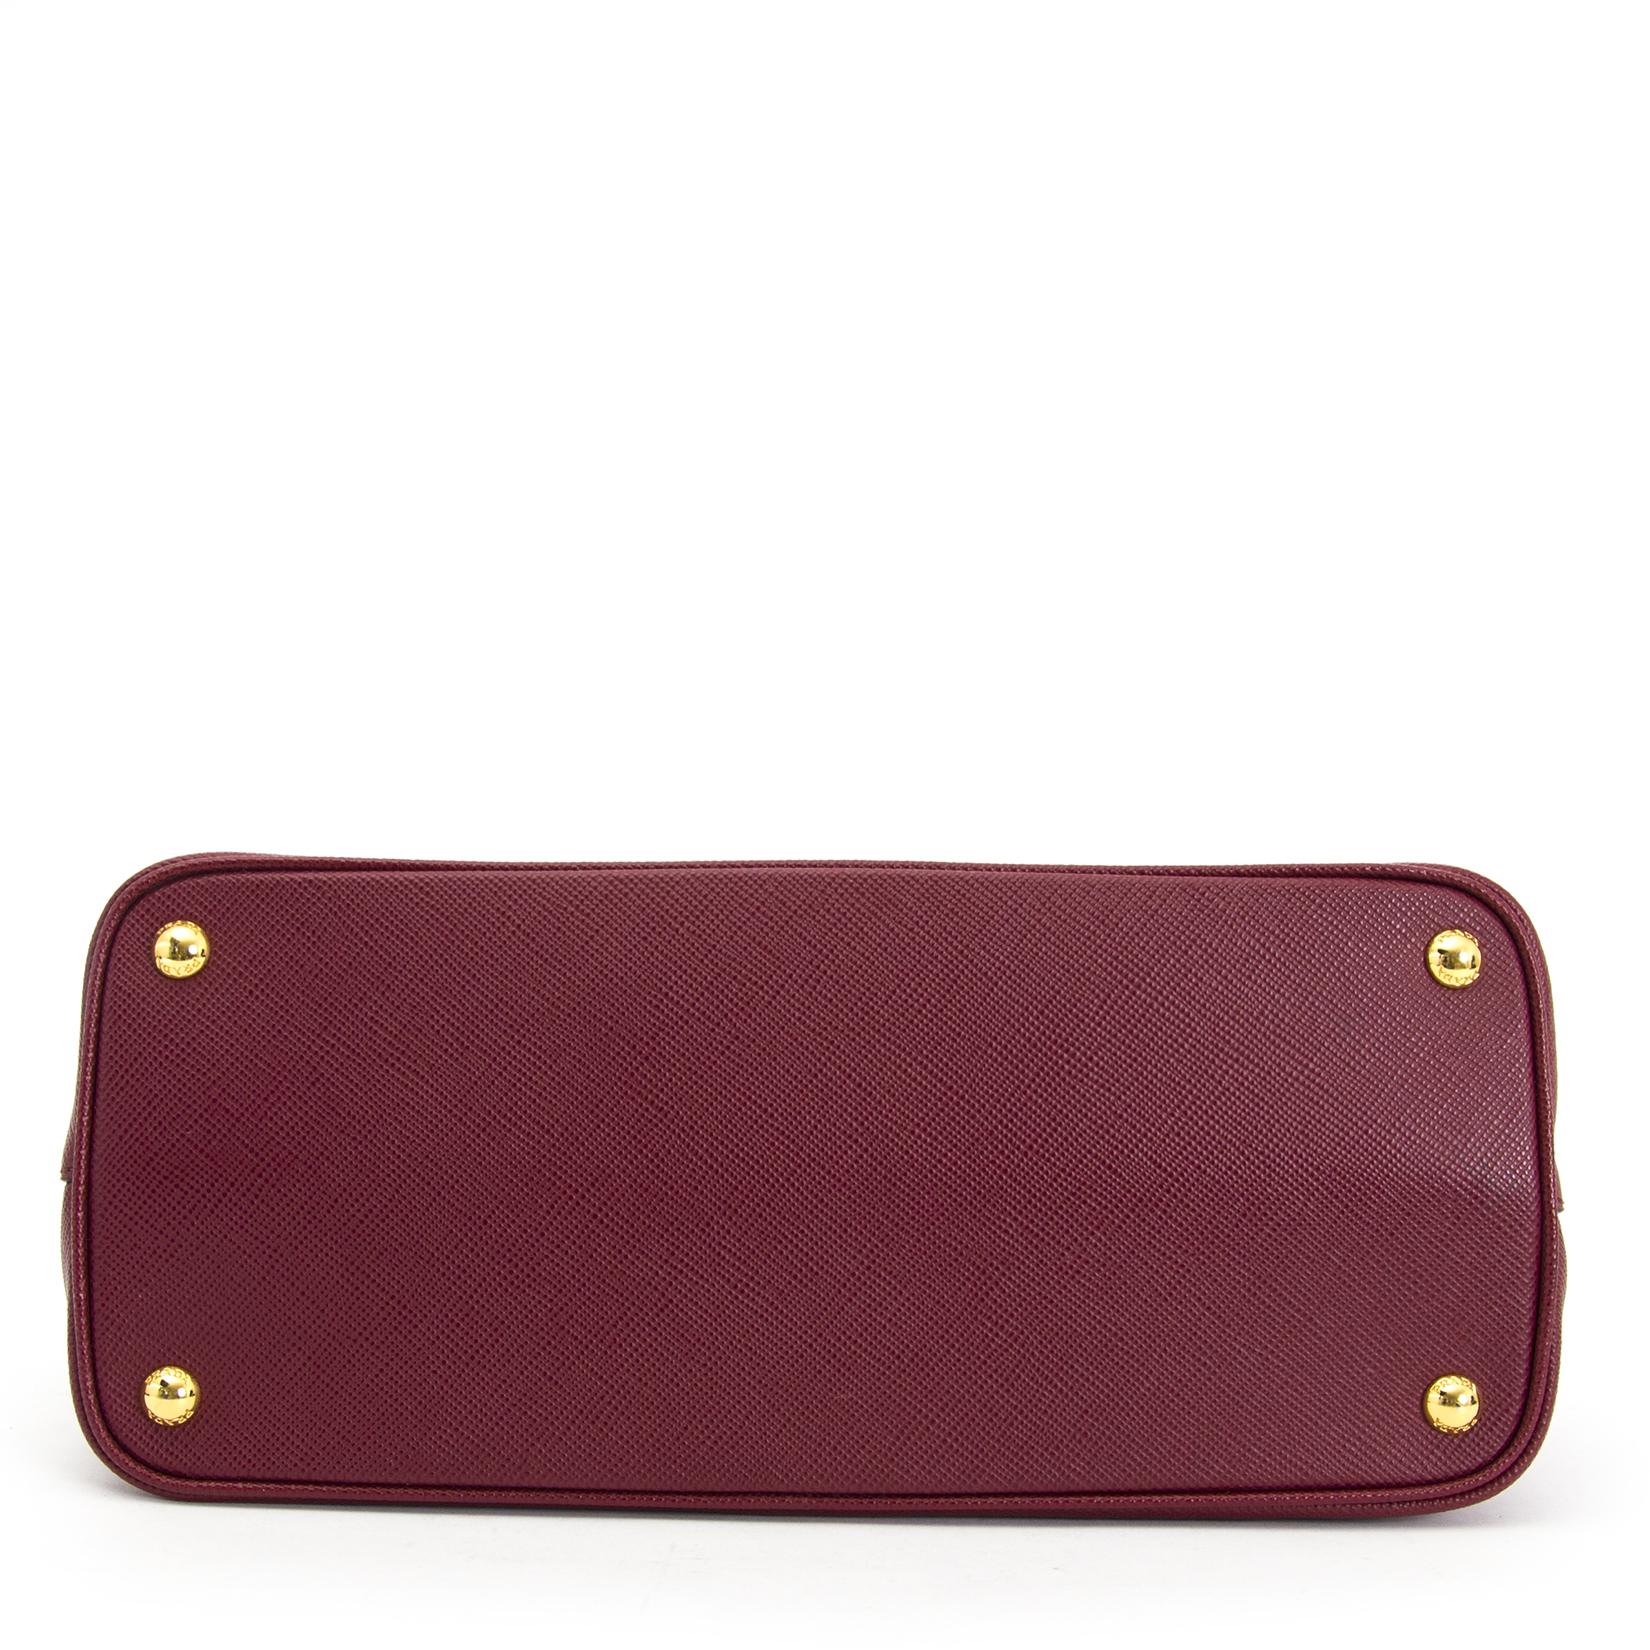 acheter en ligne pour le meilleur prix  Prada Bordeaux Double Saffiano Leather Tote